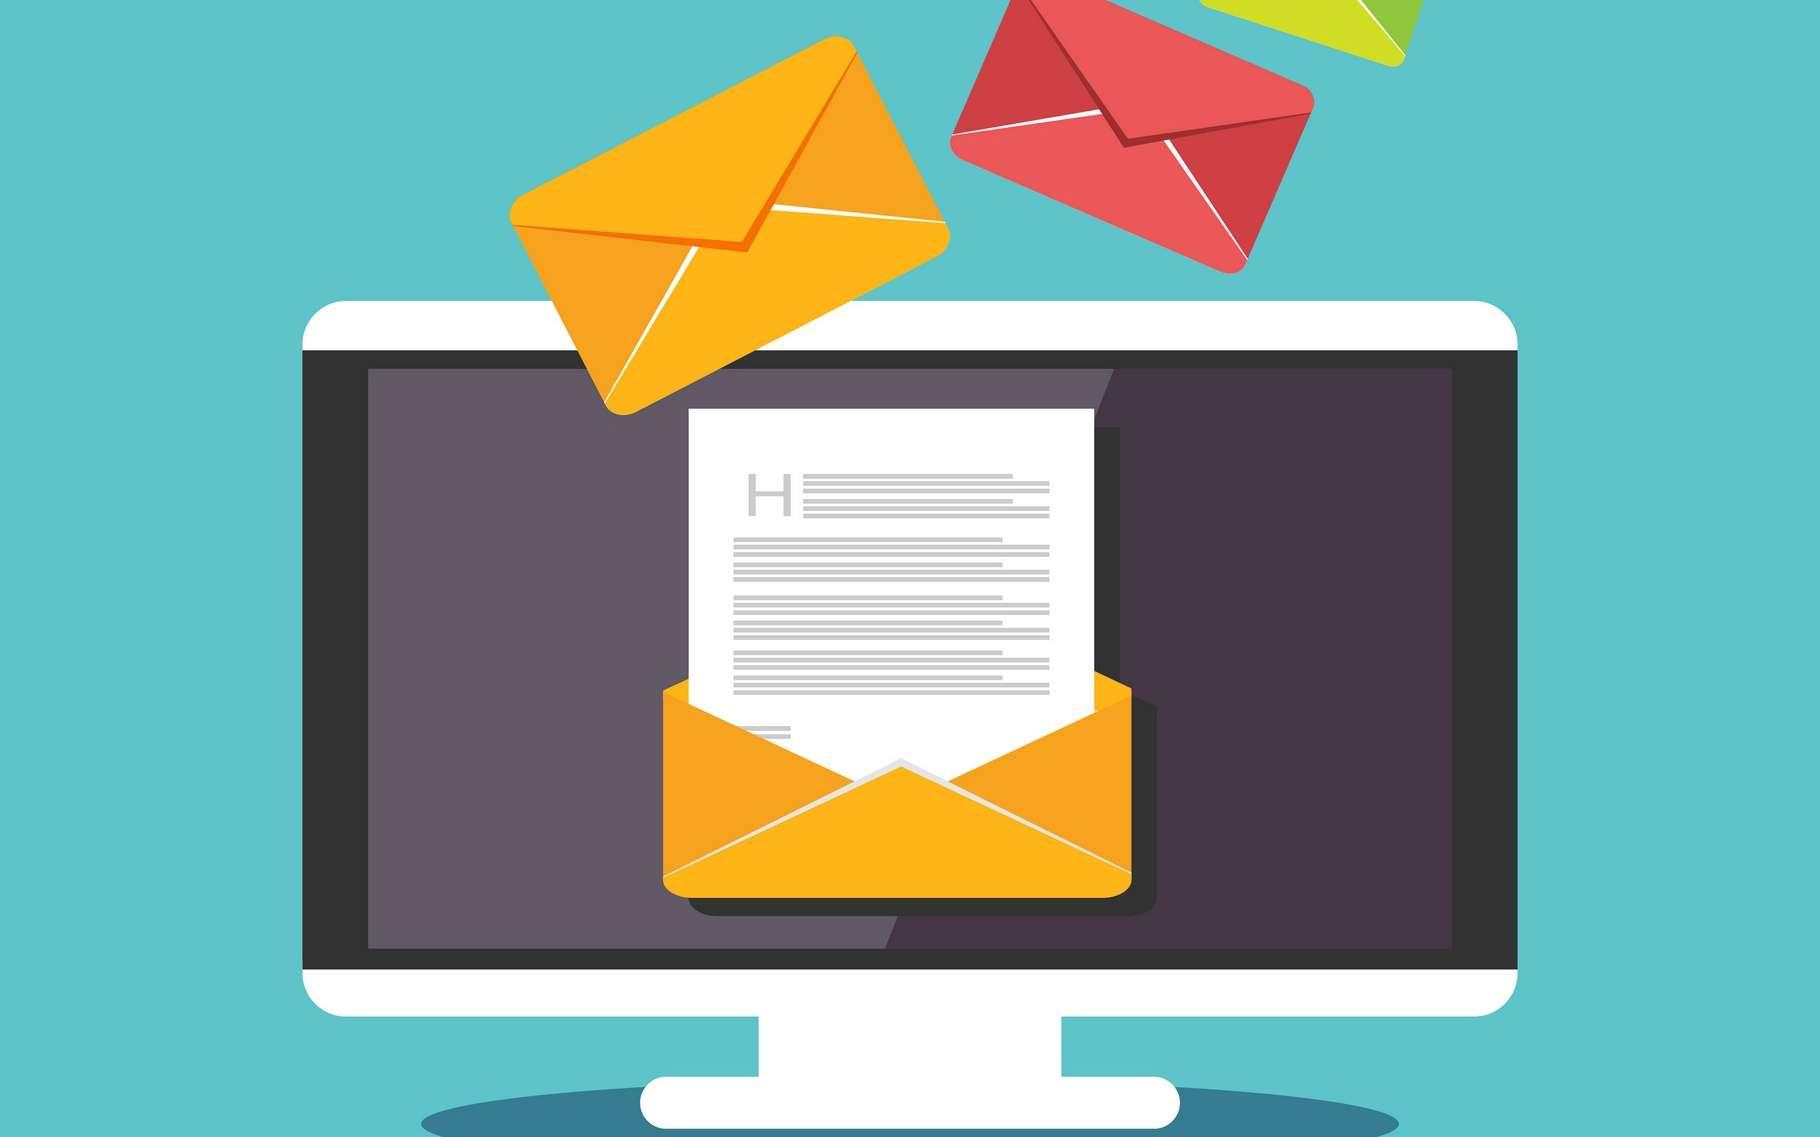 Dans GMail, vous avez jusqu'à 30 secondes pour changer d'avis et annuler l'envoi d'un message. © Hanss, Shutterstock